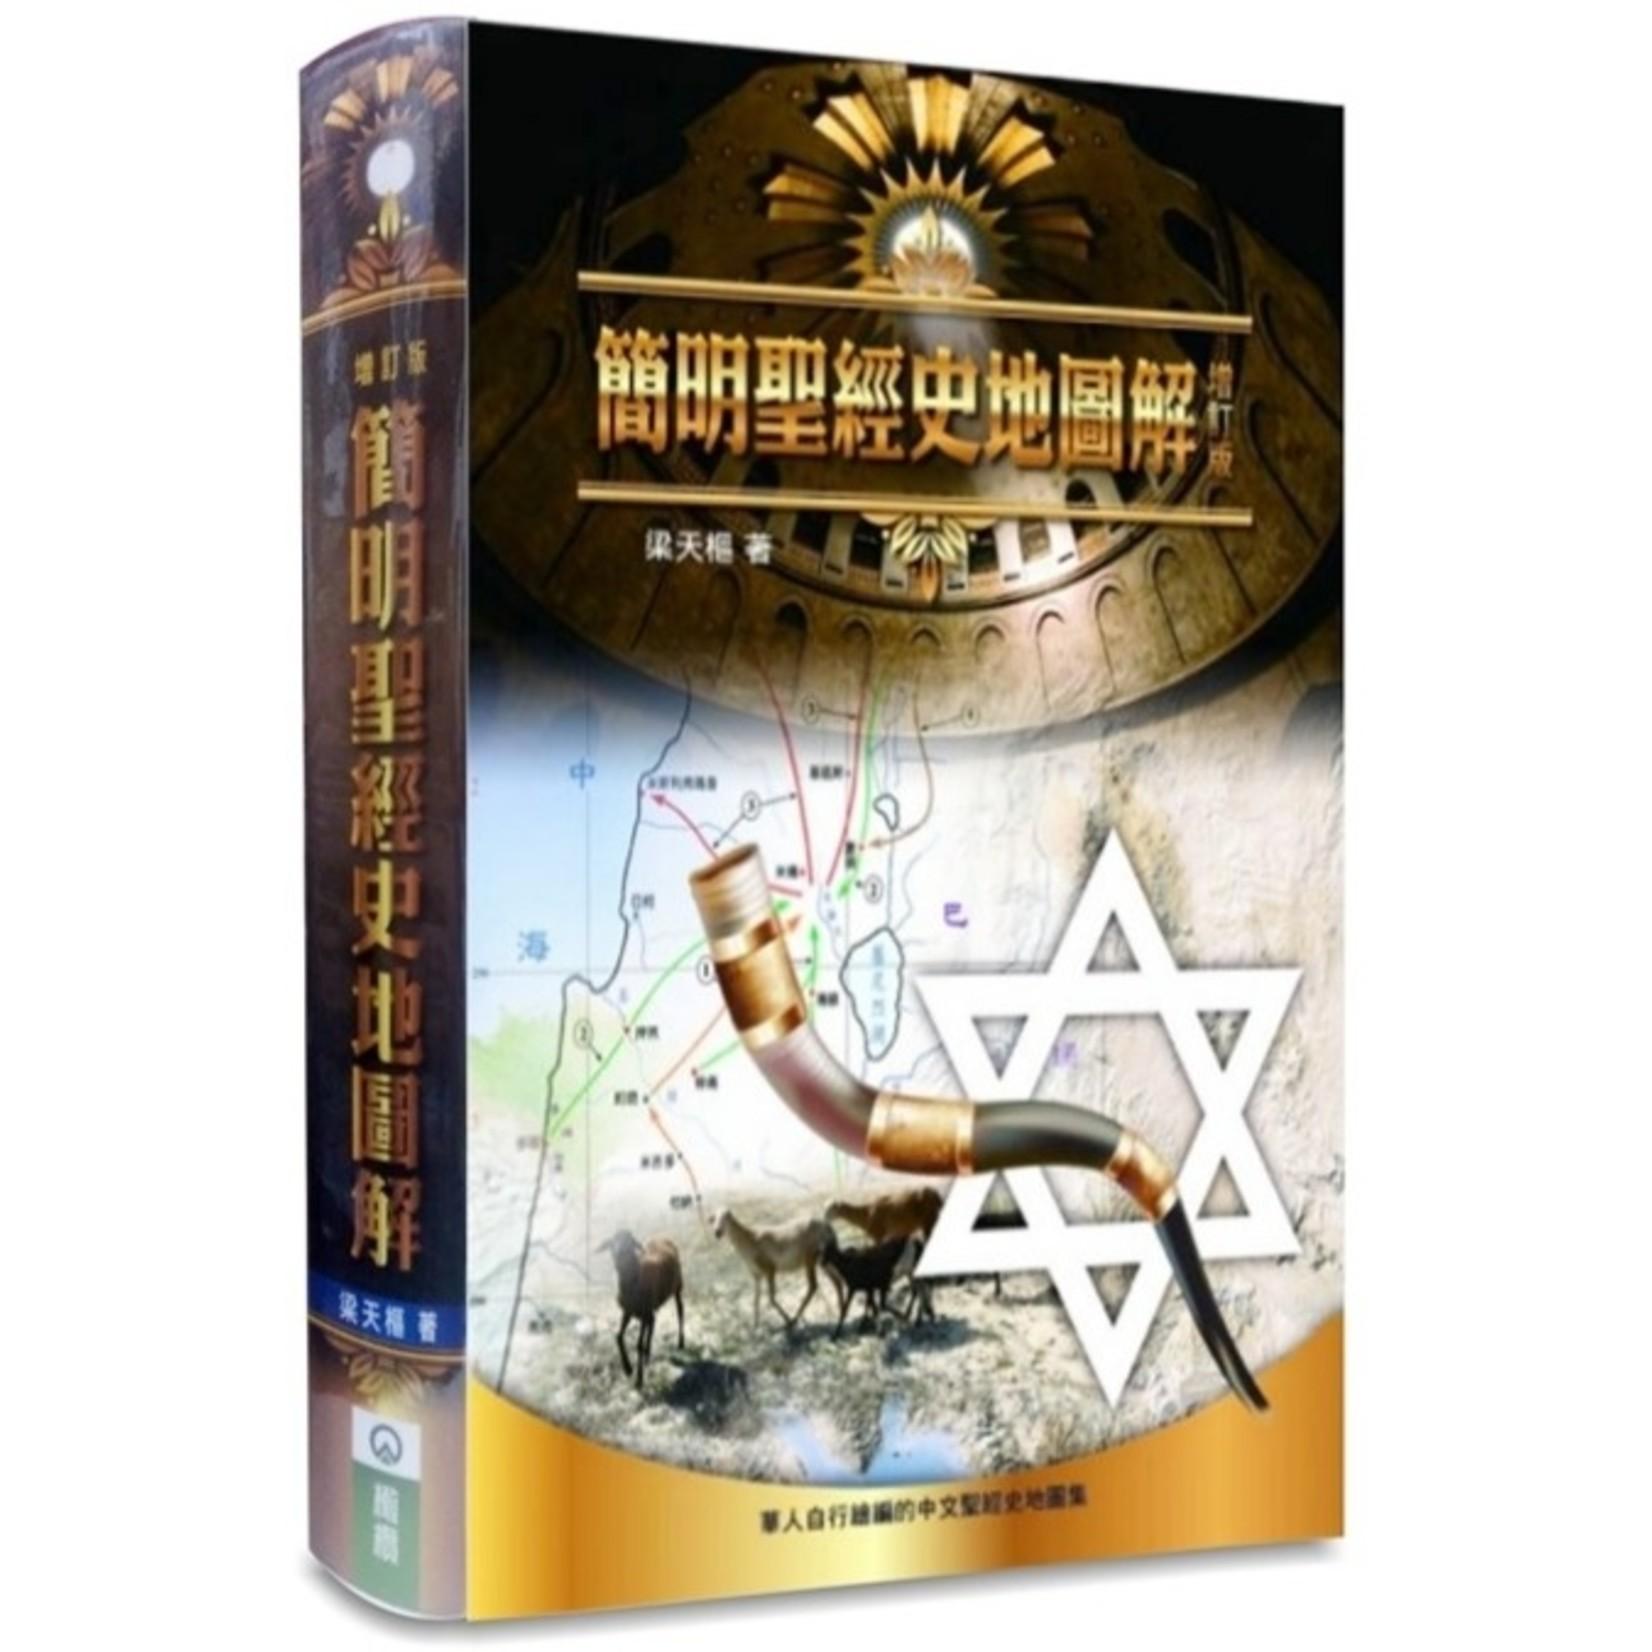 橄欖 Olive Press 簡明聖經史地圖解(增訂版)